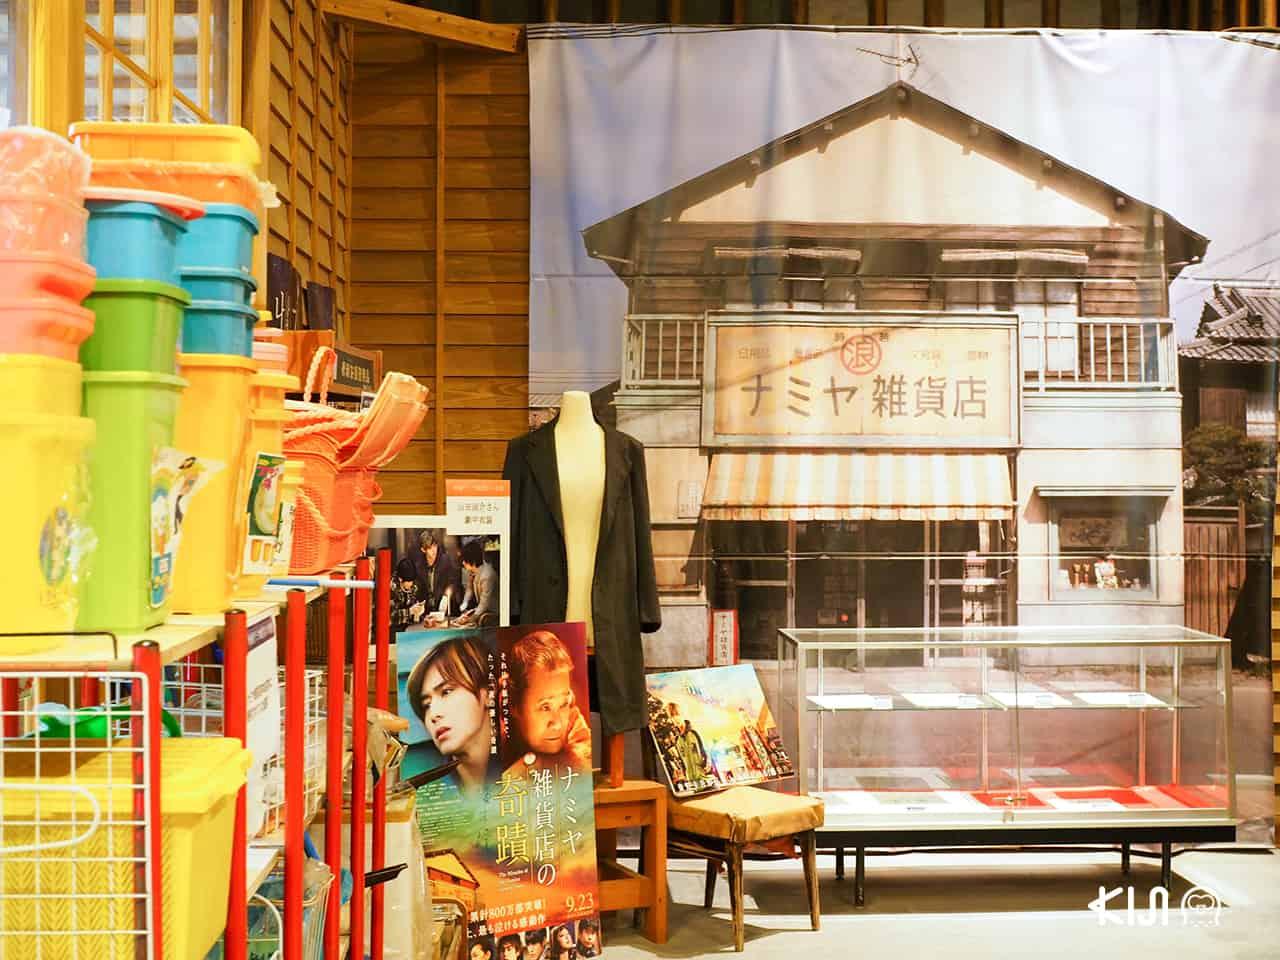 ตามรอยหนัง 'ปาฏิหาริย์ร้านชำของคุณนามิยะ' ที่บุงโกะทาคาดะ (Bungotakada)